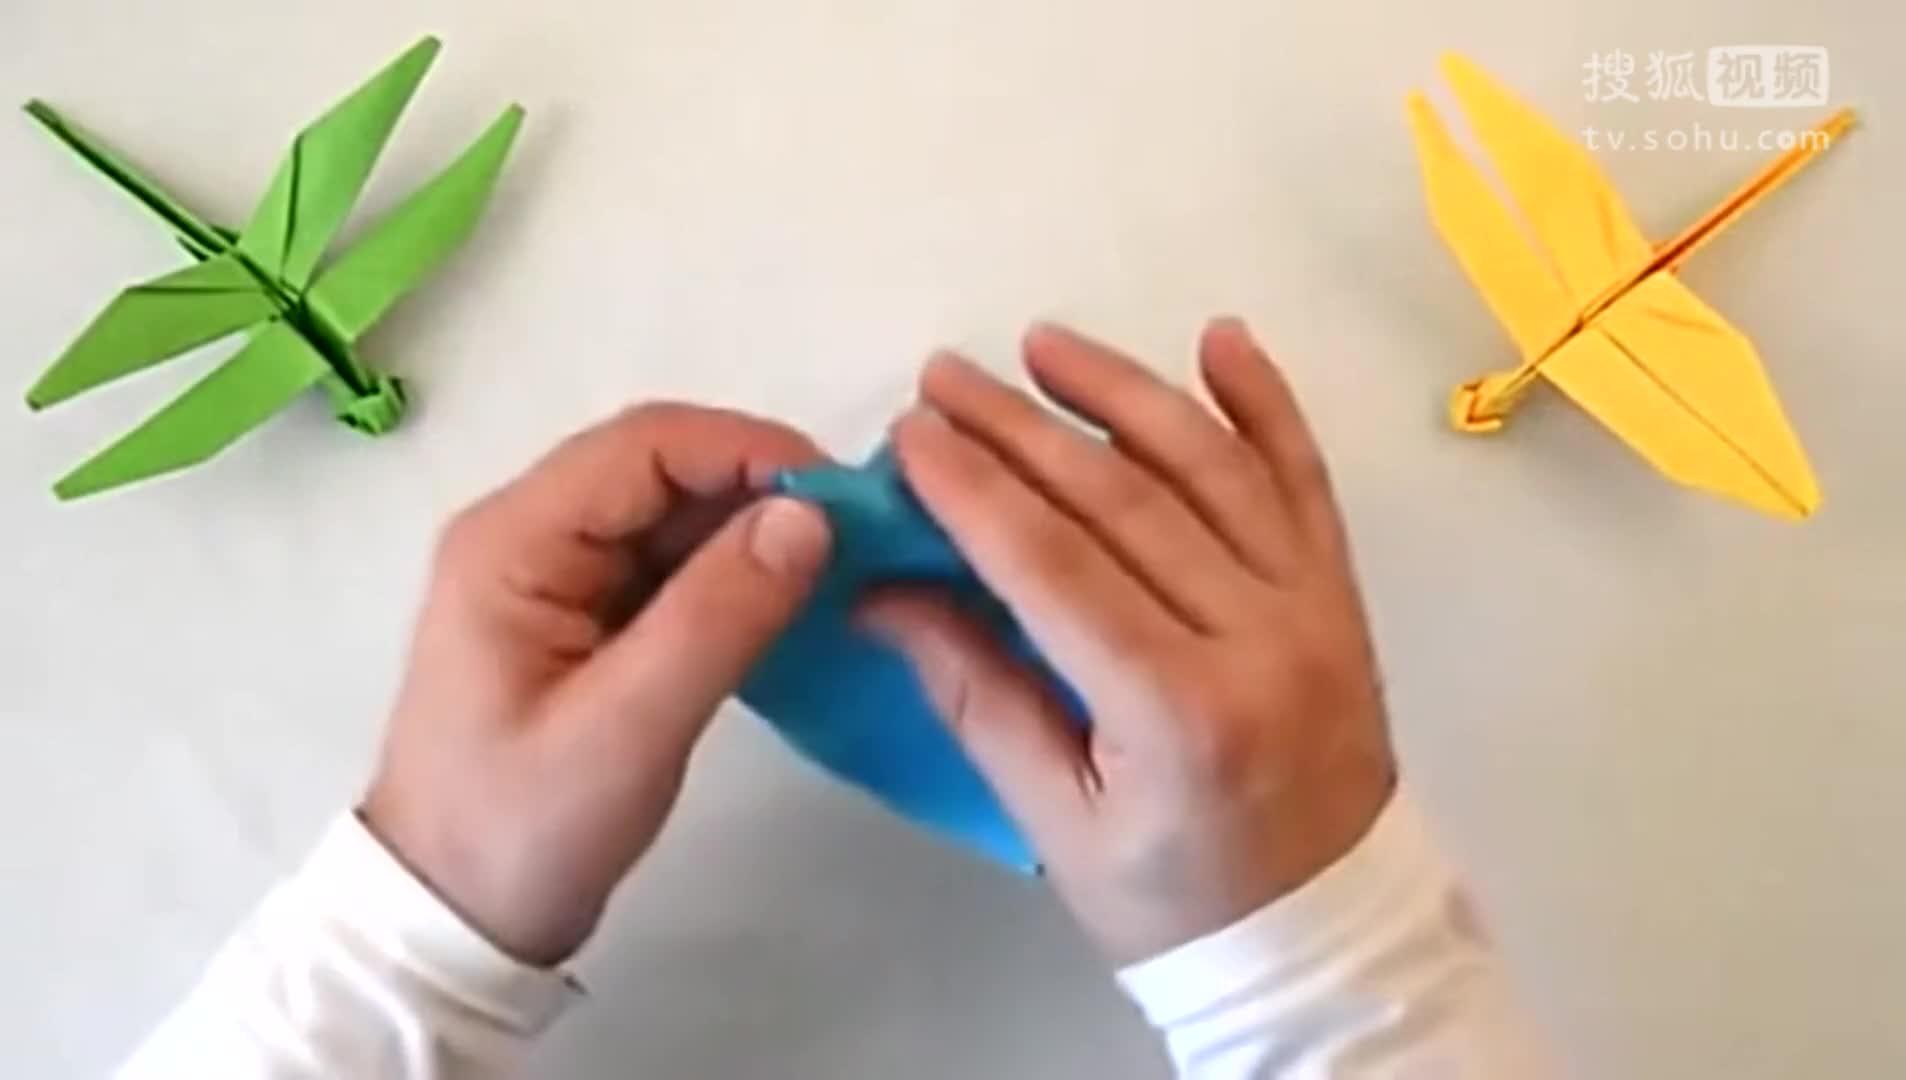 折纸大全图解 纸蜻蜓的折法视频-社会综合热点视频-全球无敌八挂王